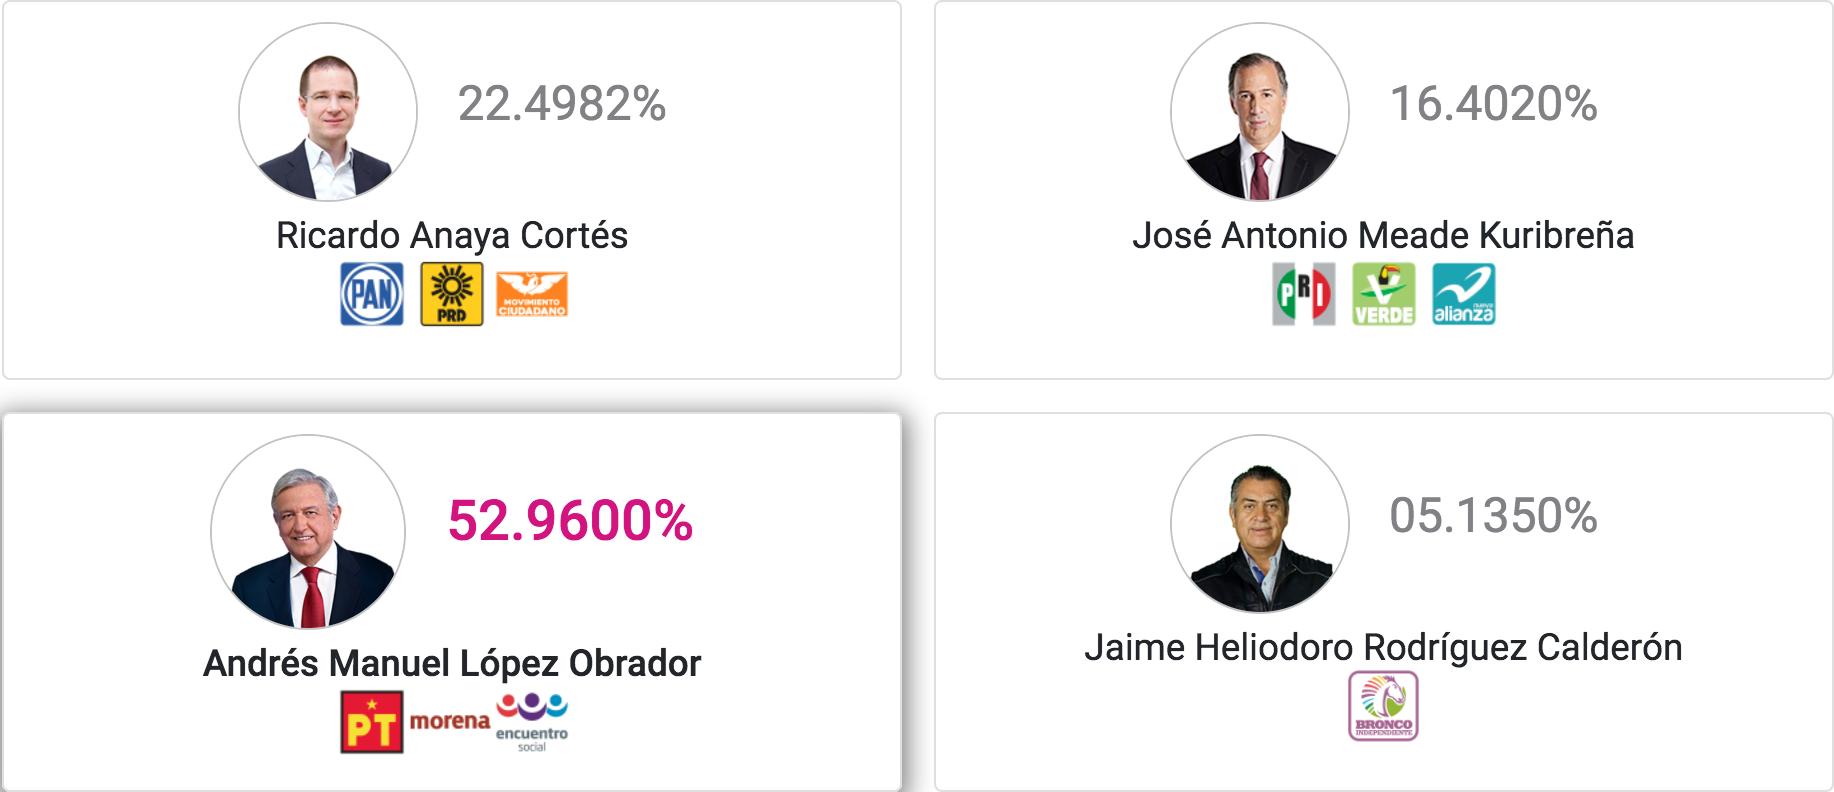 Resultados del PREP de la elección del 1 de julio de 2018, con 93.56% de las actas capturadas. Fuente: INE, 2 de julio.